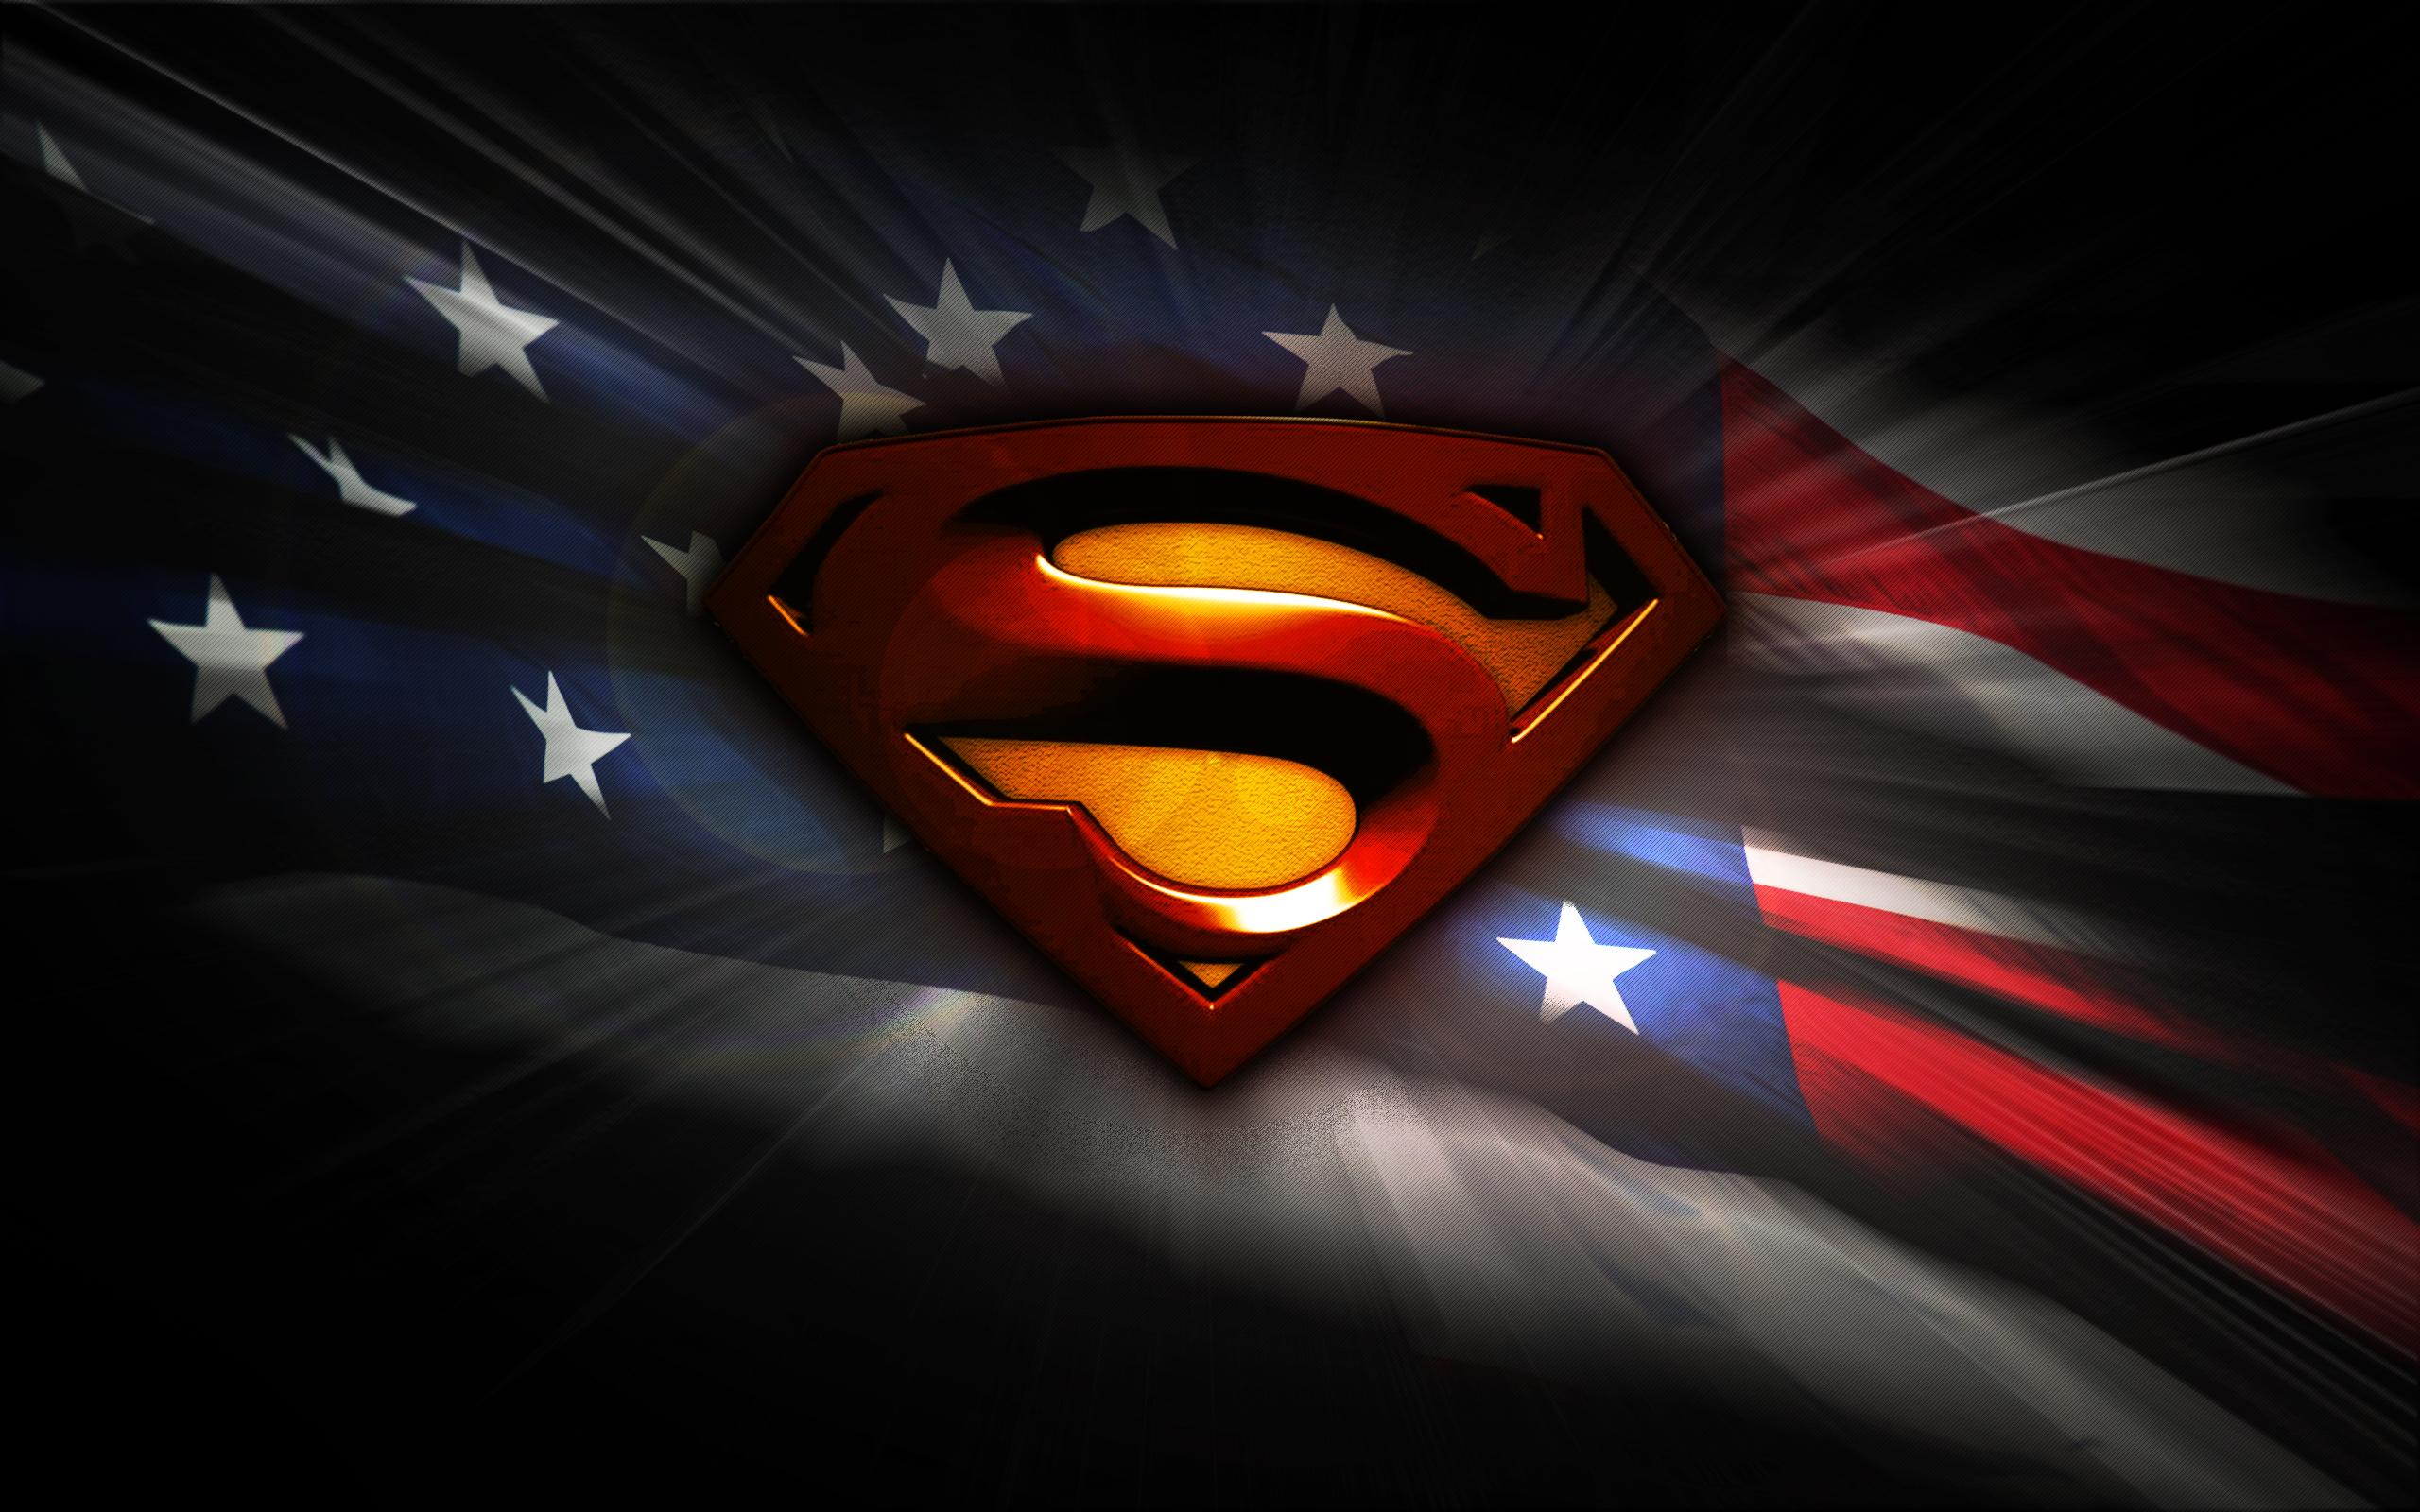 Superman Wallpapers de Superman Fondos de escritorio de Superman 2560x1600